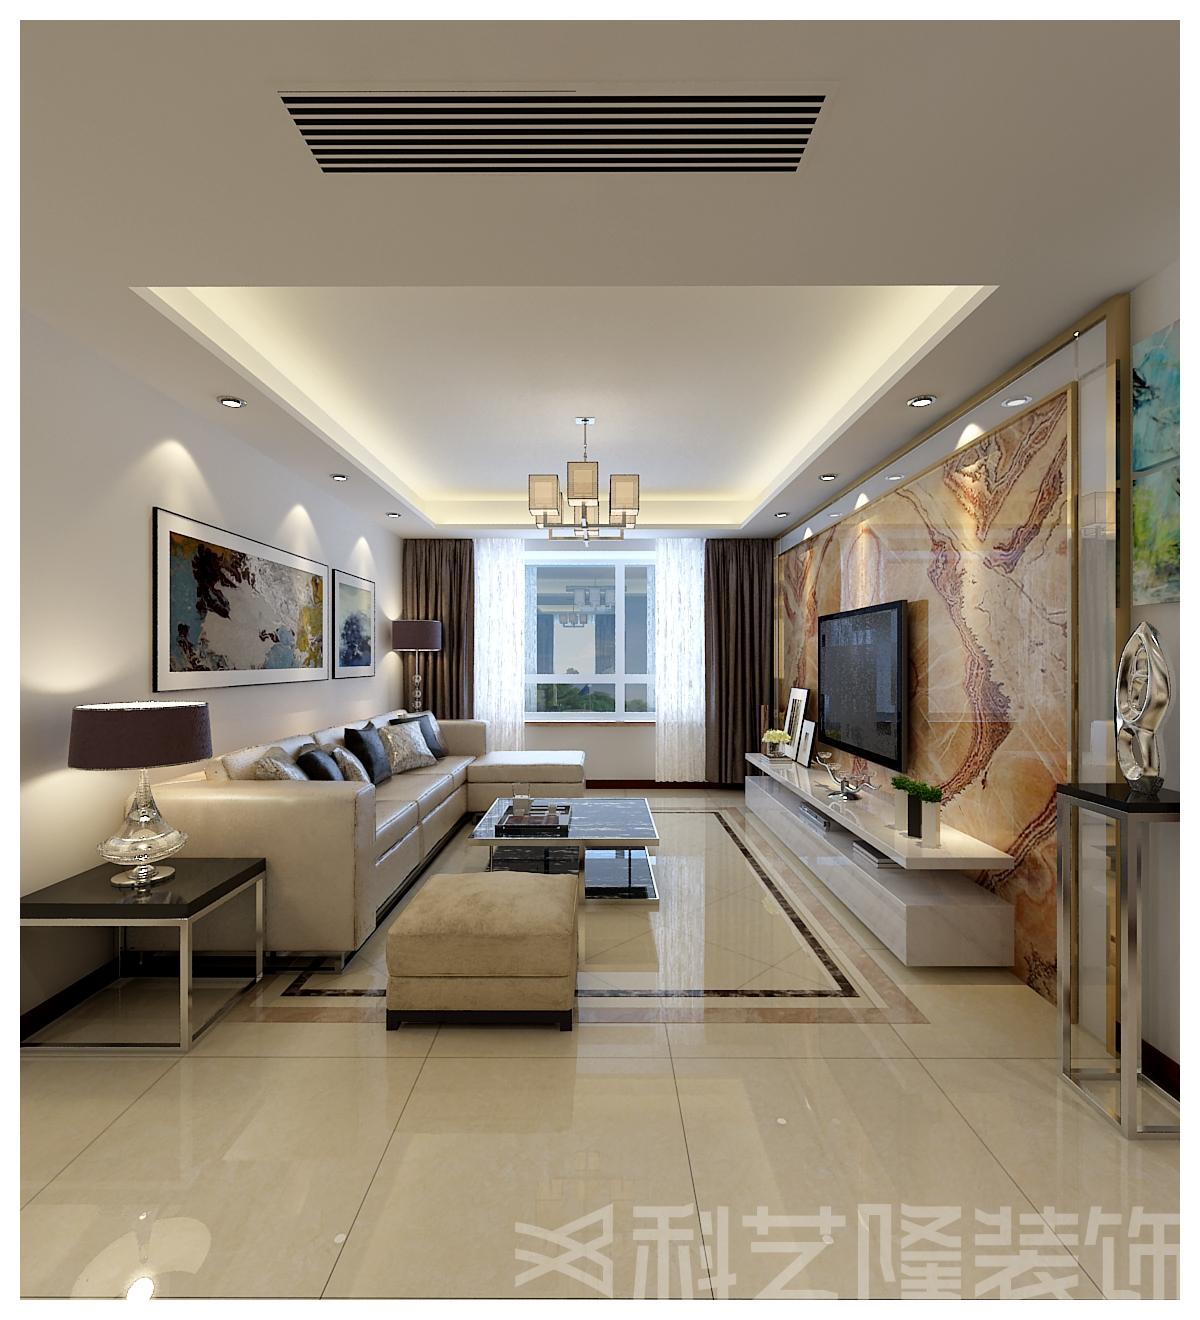 客厅图片来自天津科艺隆装饰在融创中心的分享